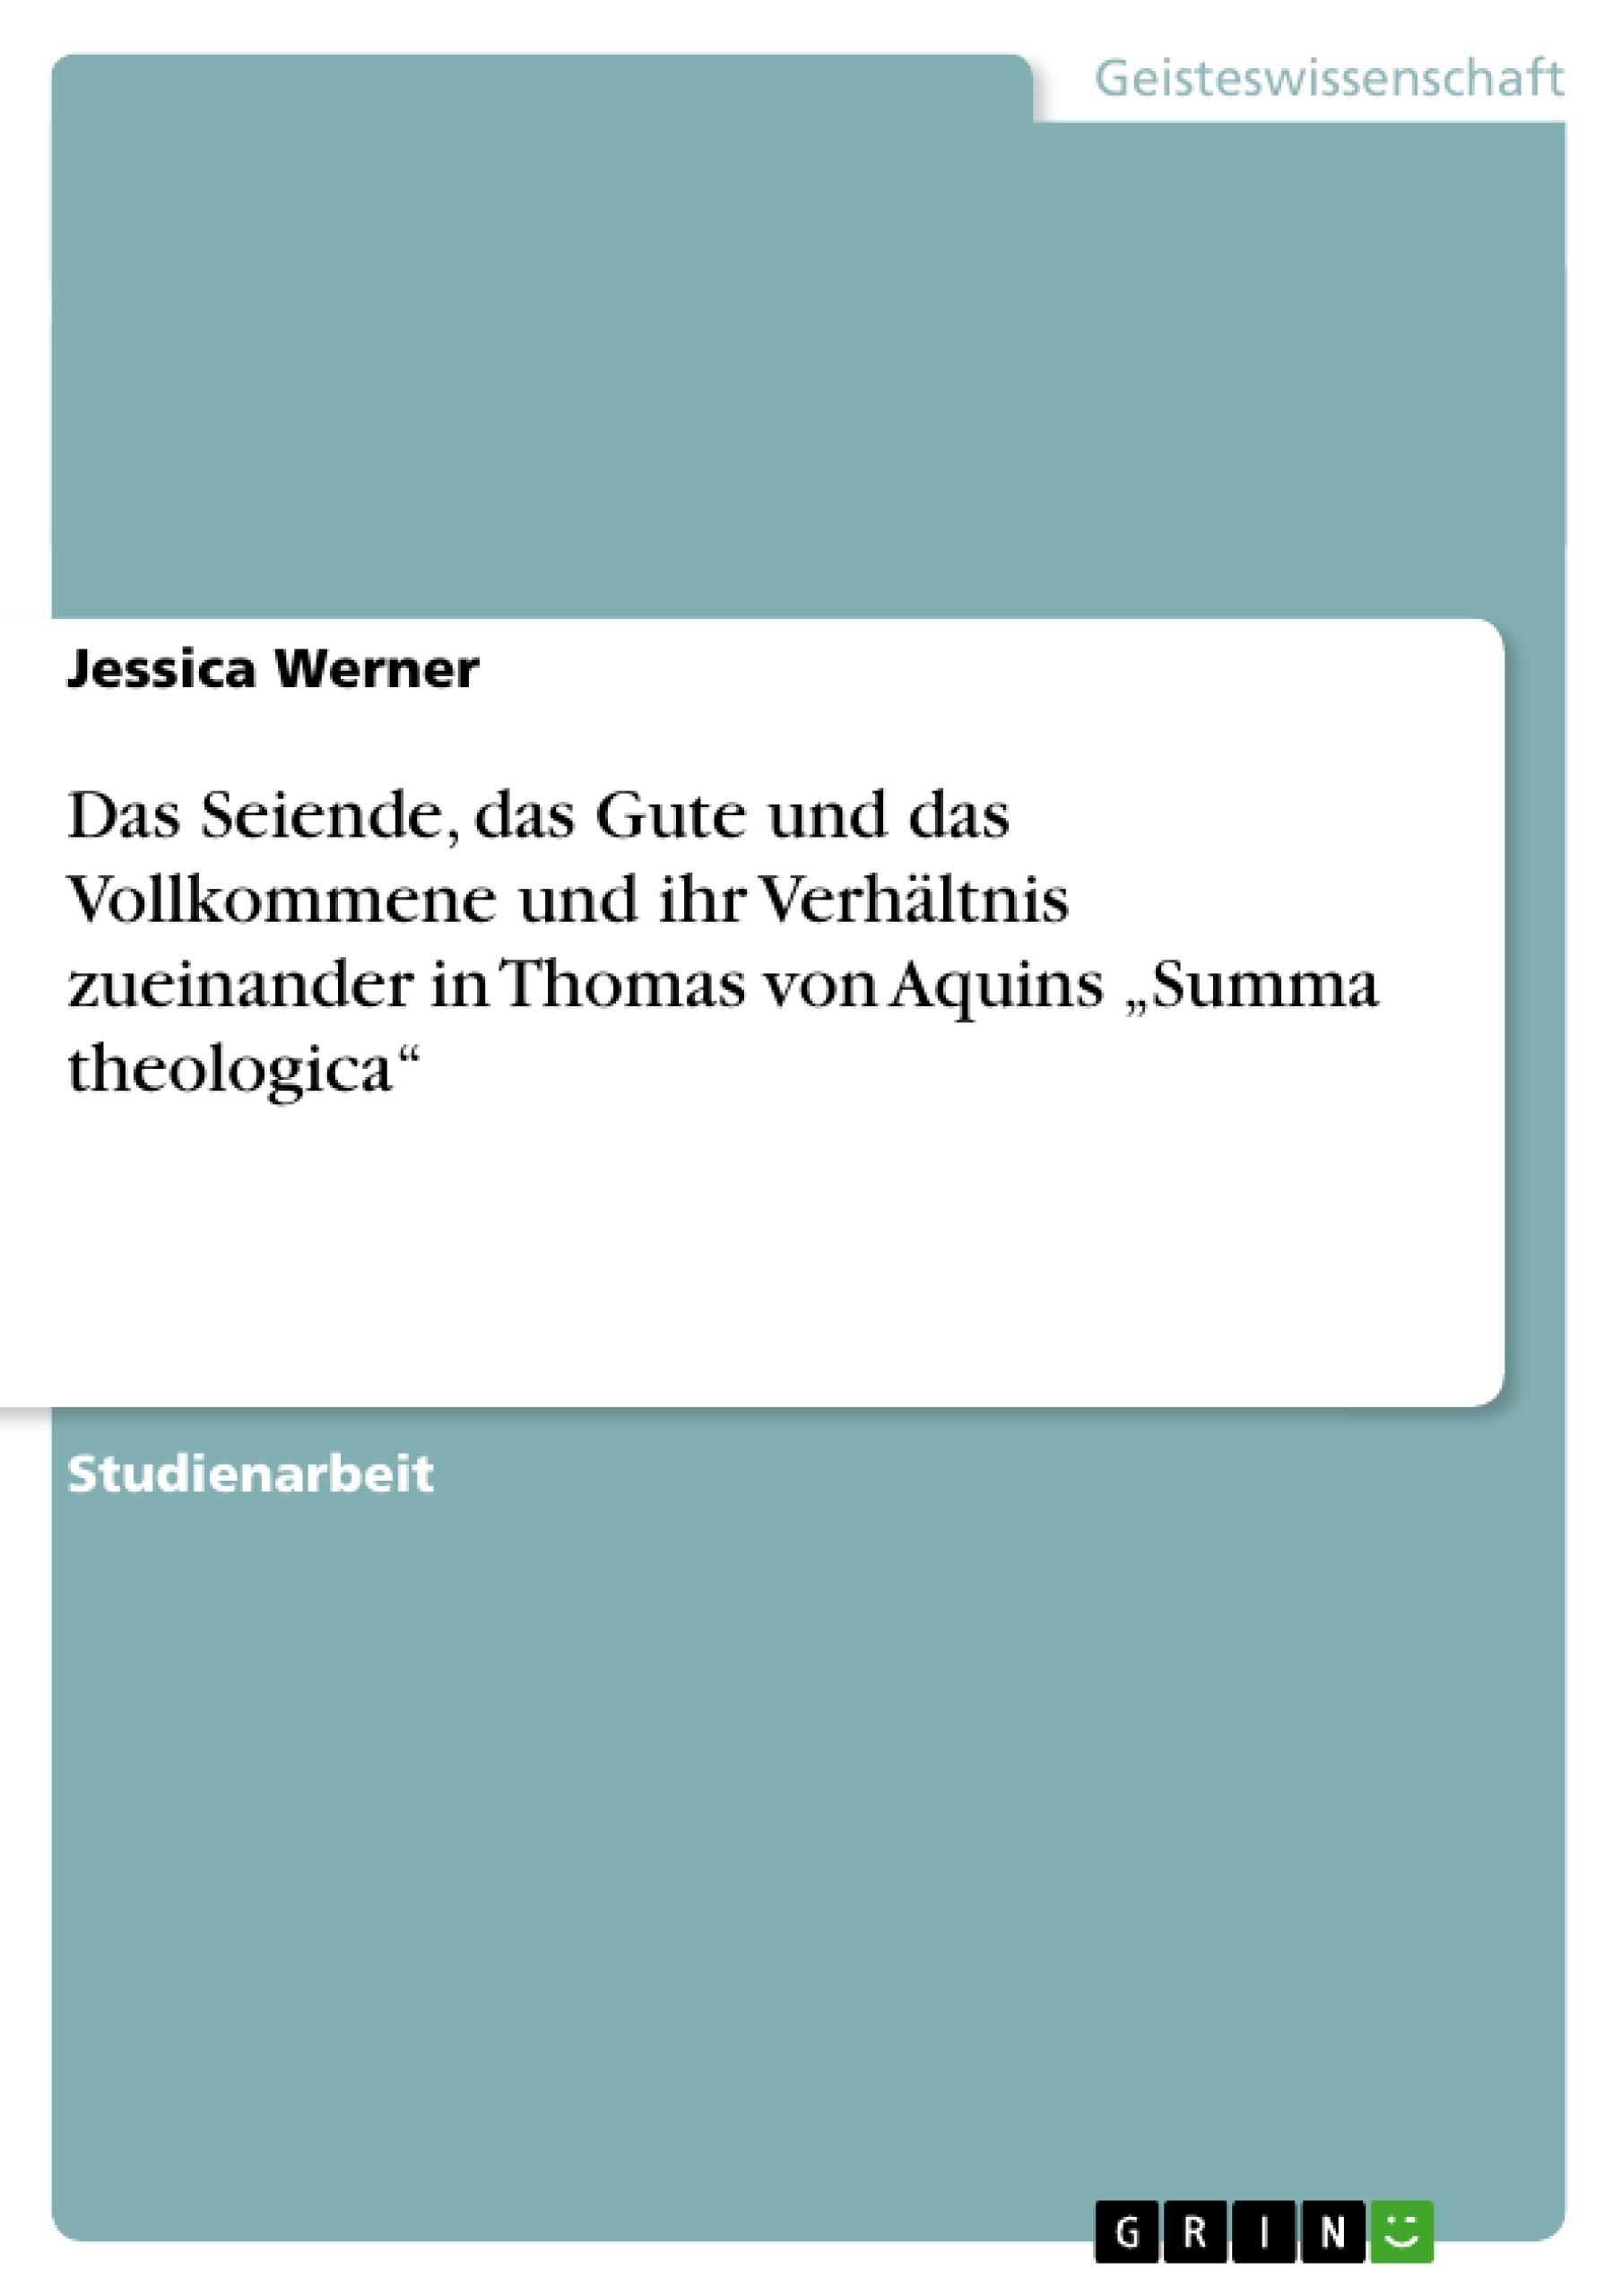 """Titel: Das Seiende, das Gute und das Vollkommene und ihr Verhältnis zueinander in Thomas von Aquins """"Summa theologica"""""""